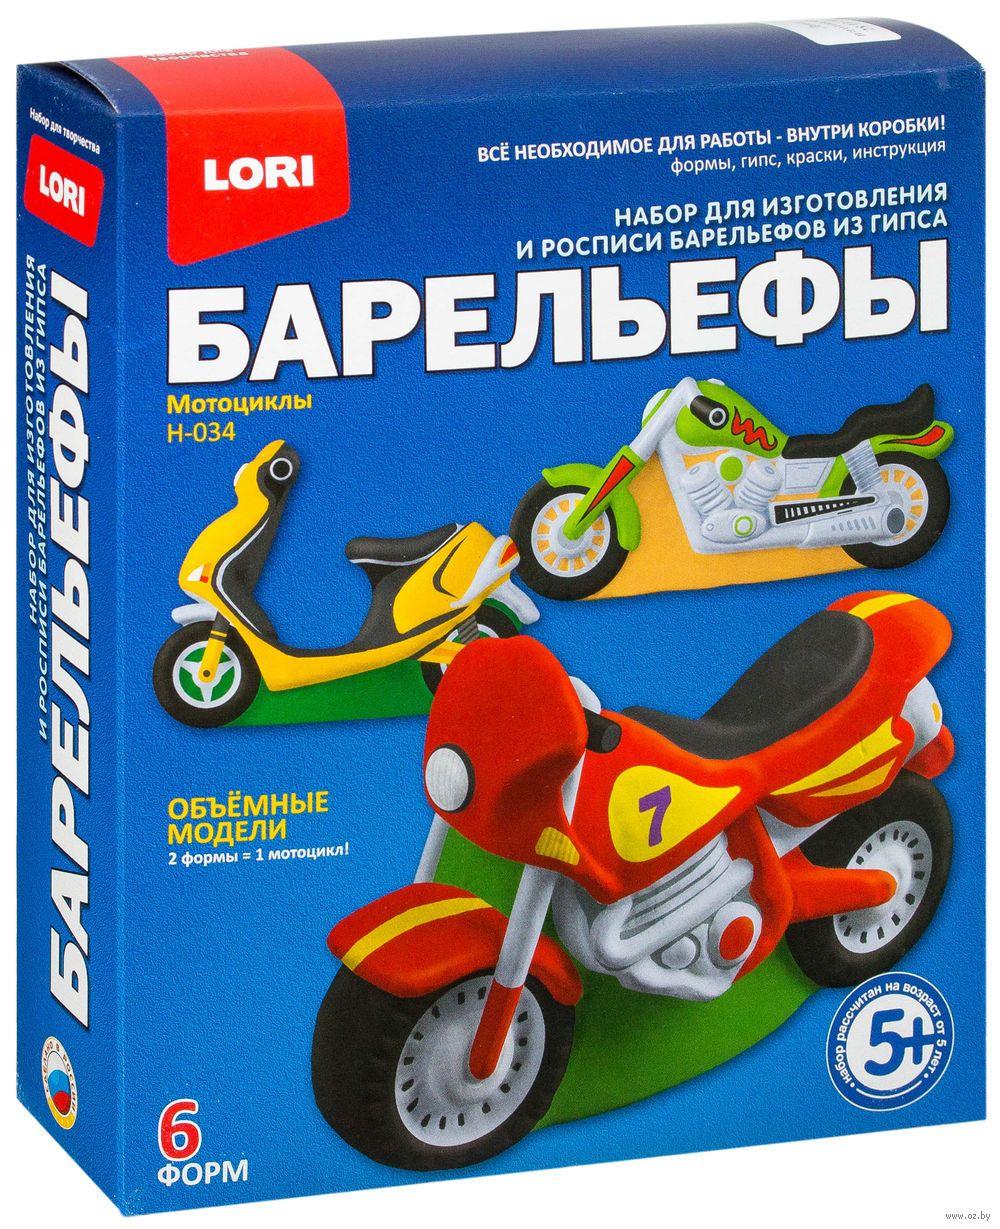 Барельефы из гипса Мотоциклы